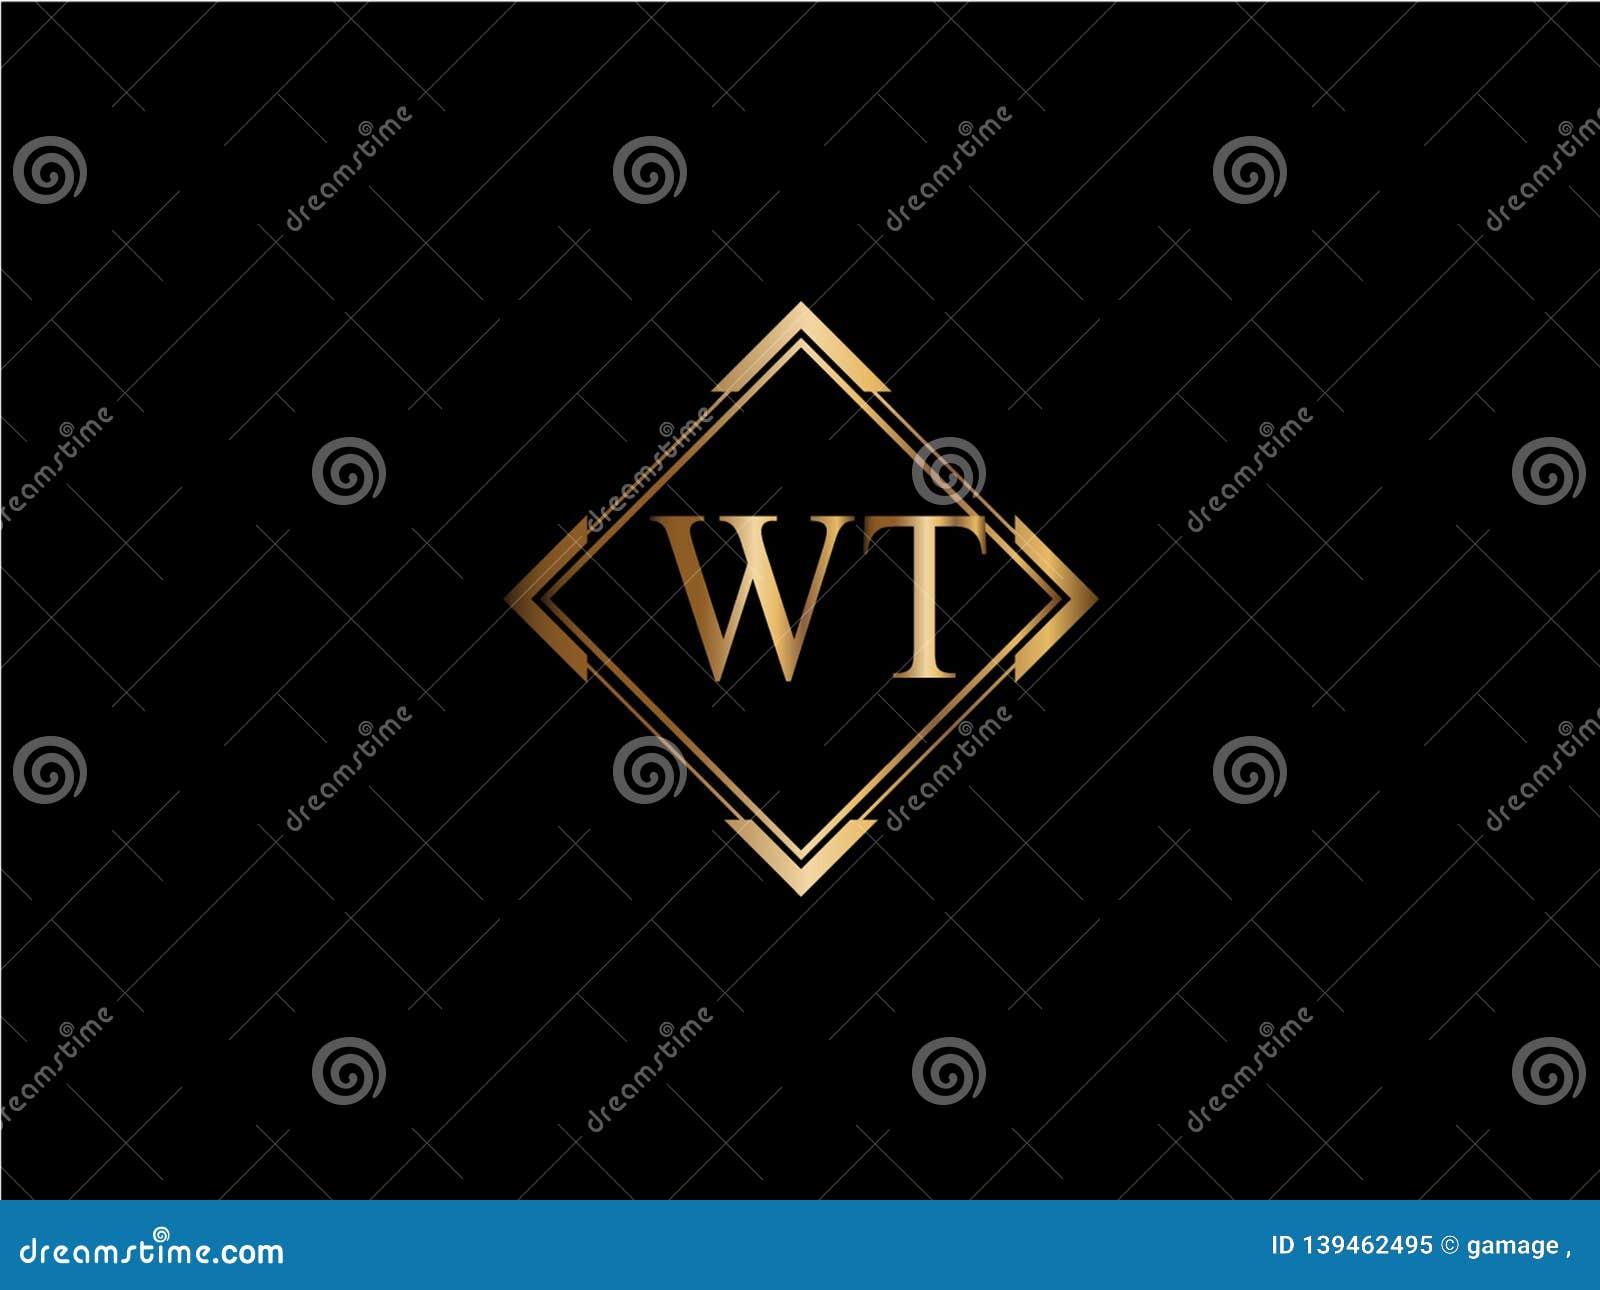 GEWICHTSanfangsdiamantform Goldfarbe neuerer Logo Design